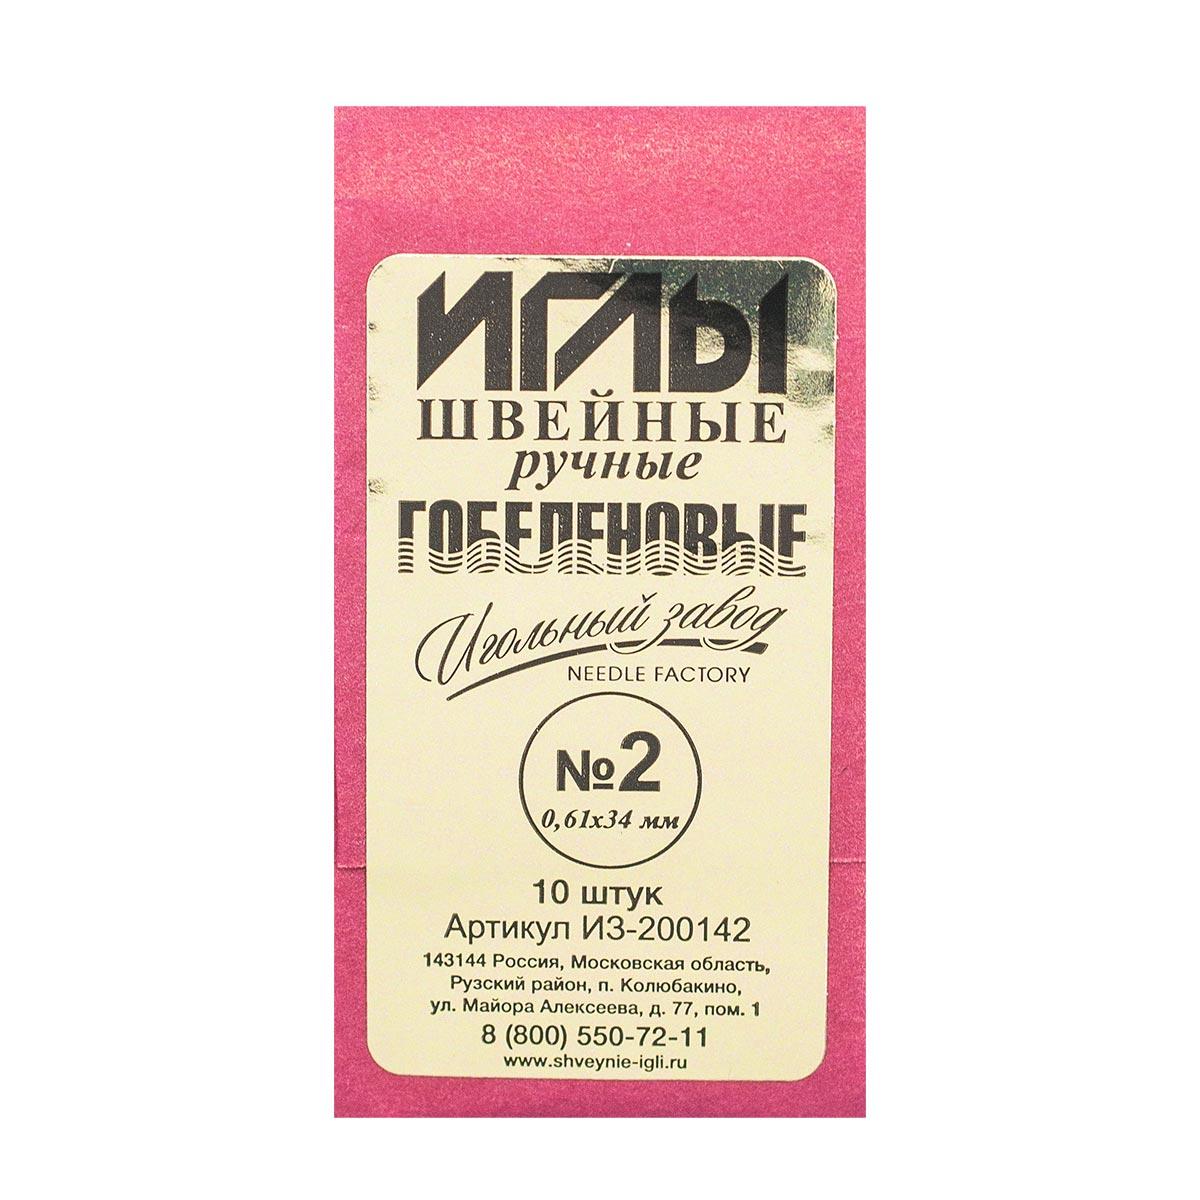 ИЗ-200142 Иглы швейные ручные №2 гобеленовые никелированные (0,61х34), 10 штук